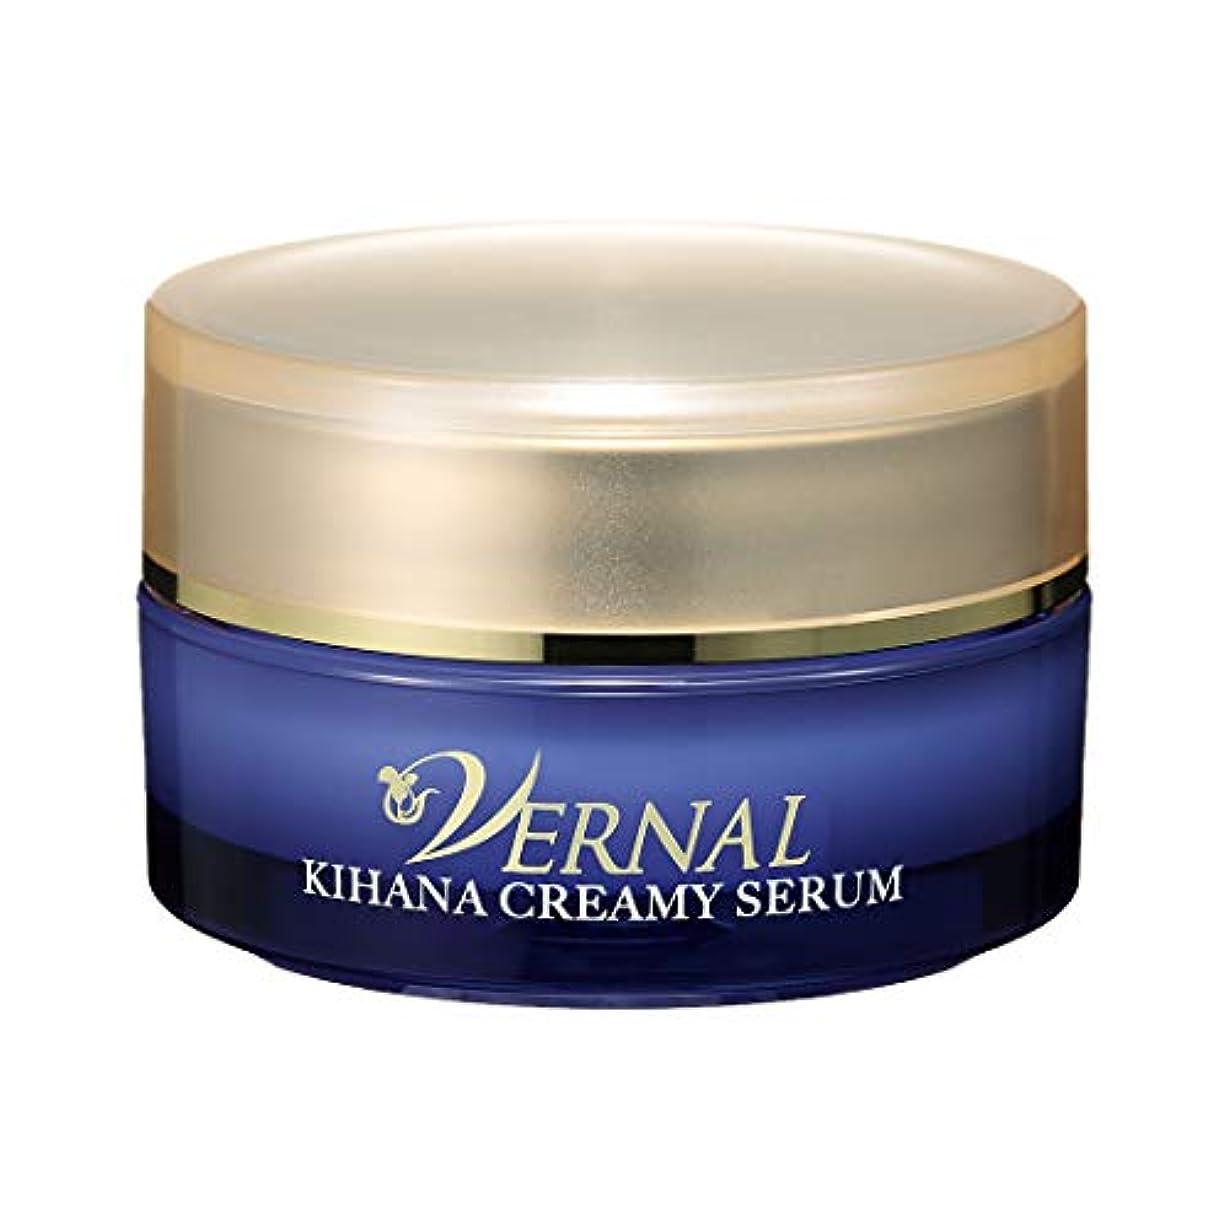 海峡ひもしょっぱい作業キハナクリーミーセラム 30g/ヴァーナル 美容液 美容クリーム